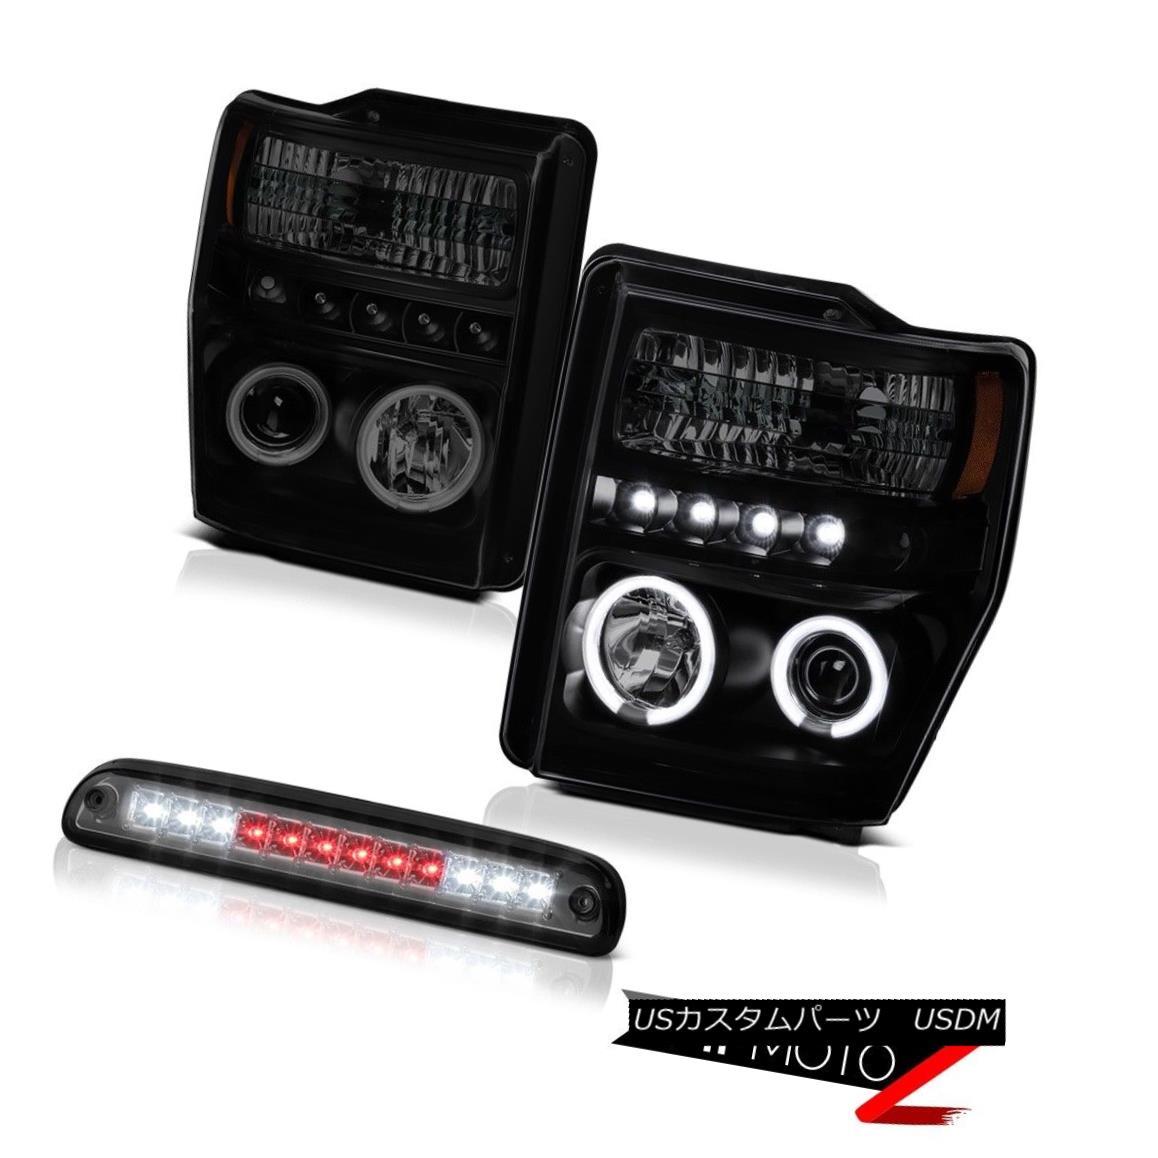 ヘッドライト 2008-2010 F350 Turbo Diesel [BRIGHTEST] CCFL Rim Headlights Roof Stop LED Tinted 2008年?2010年F350ターボディーゼル[BLIGHTEST] CCFLリムヘッドライトルーフストップLED Tinted